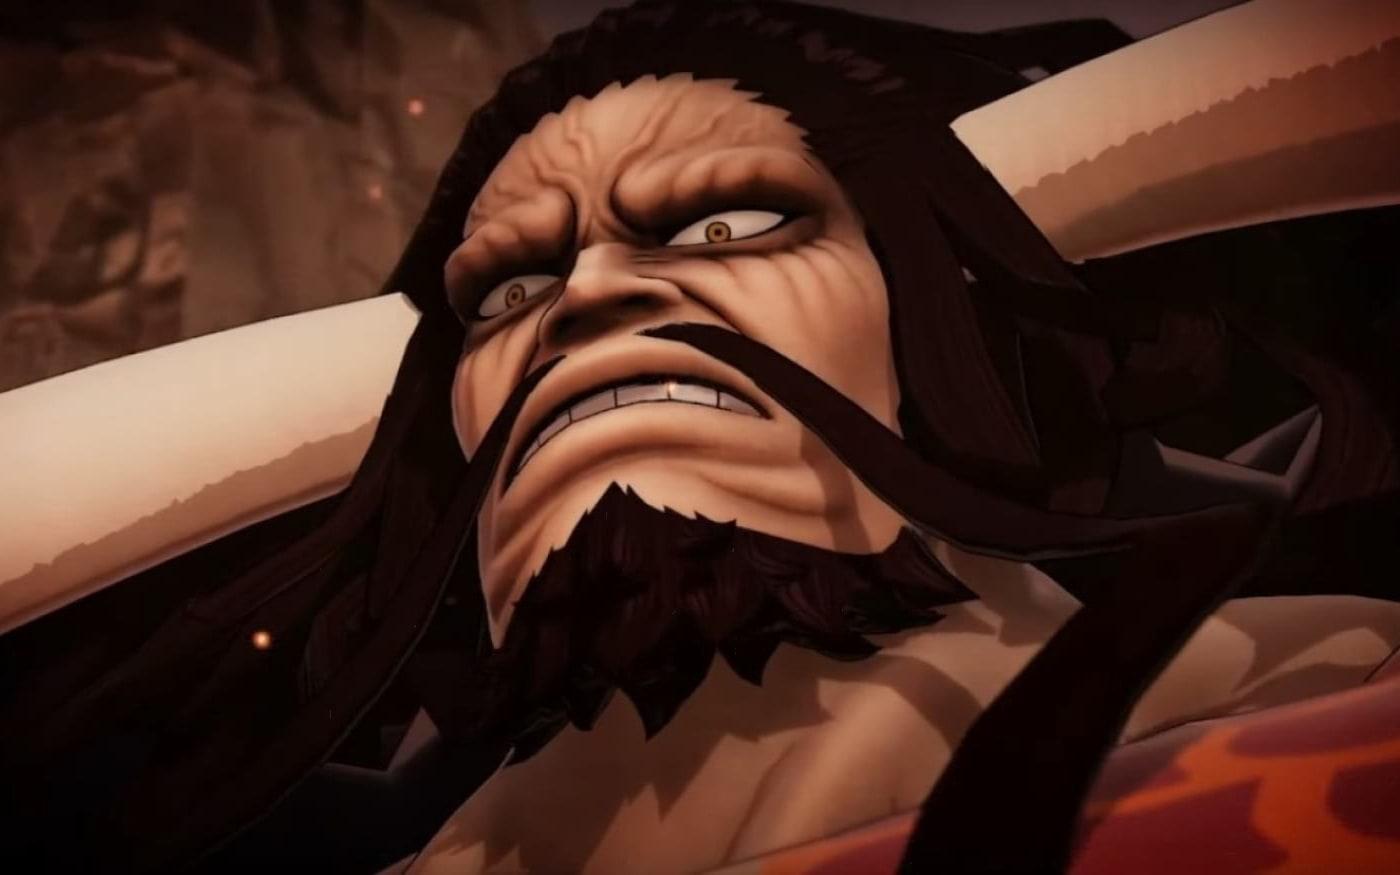 [Tokyo Game Show 2019] One Piece Pirate Warriors 4 ganha novo trailer e mostra país de Wano!